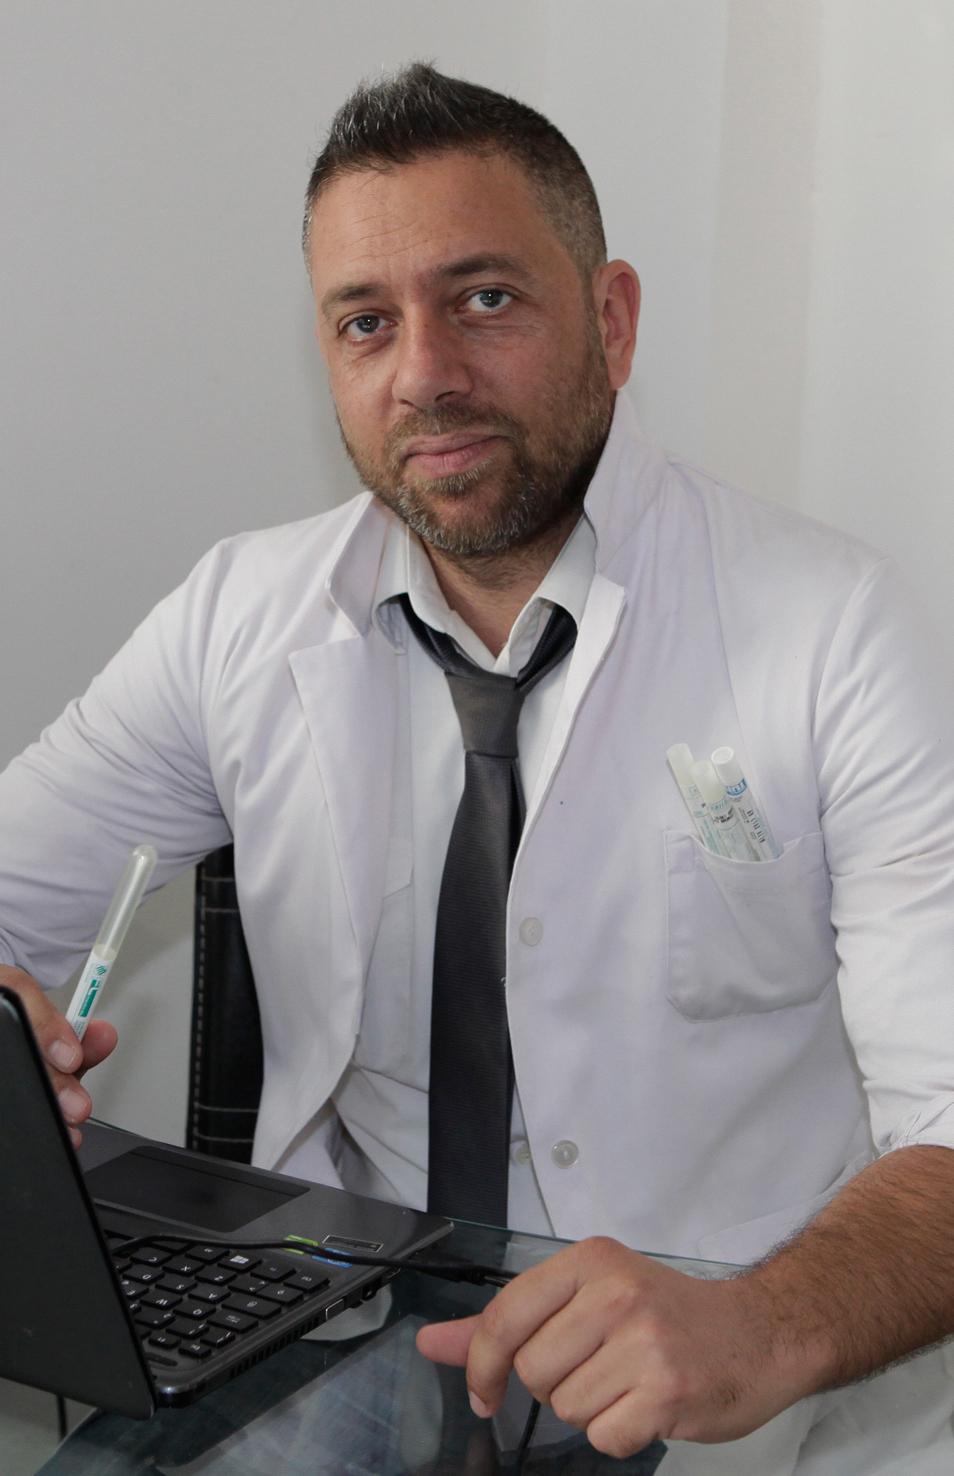 Mirko Di Bella Tecnico campionatore